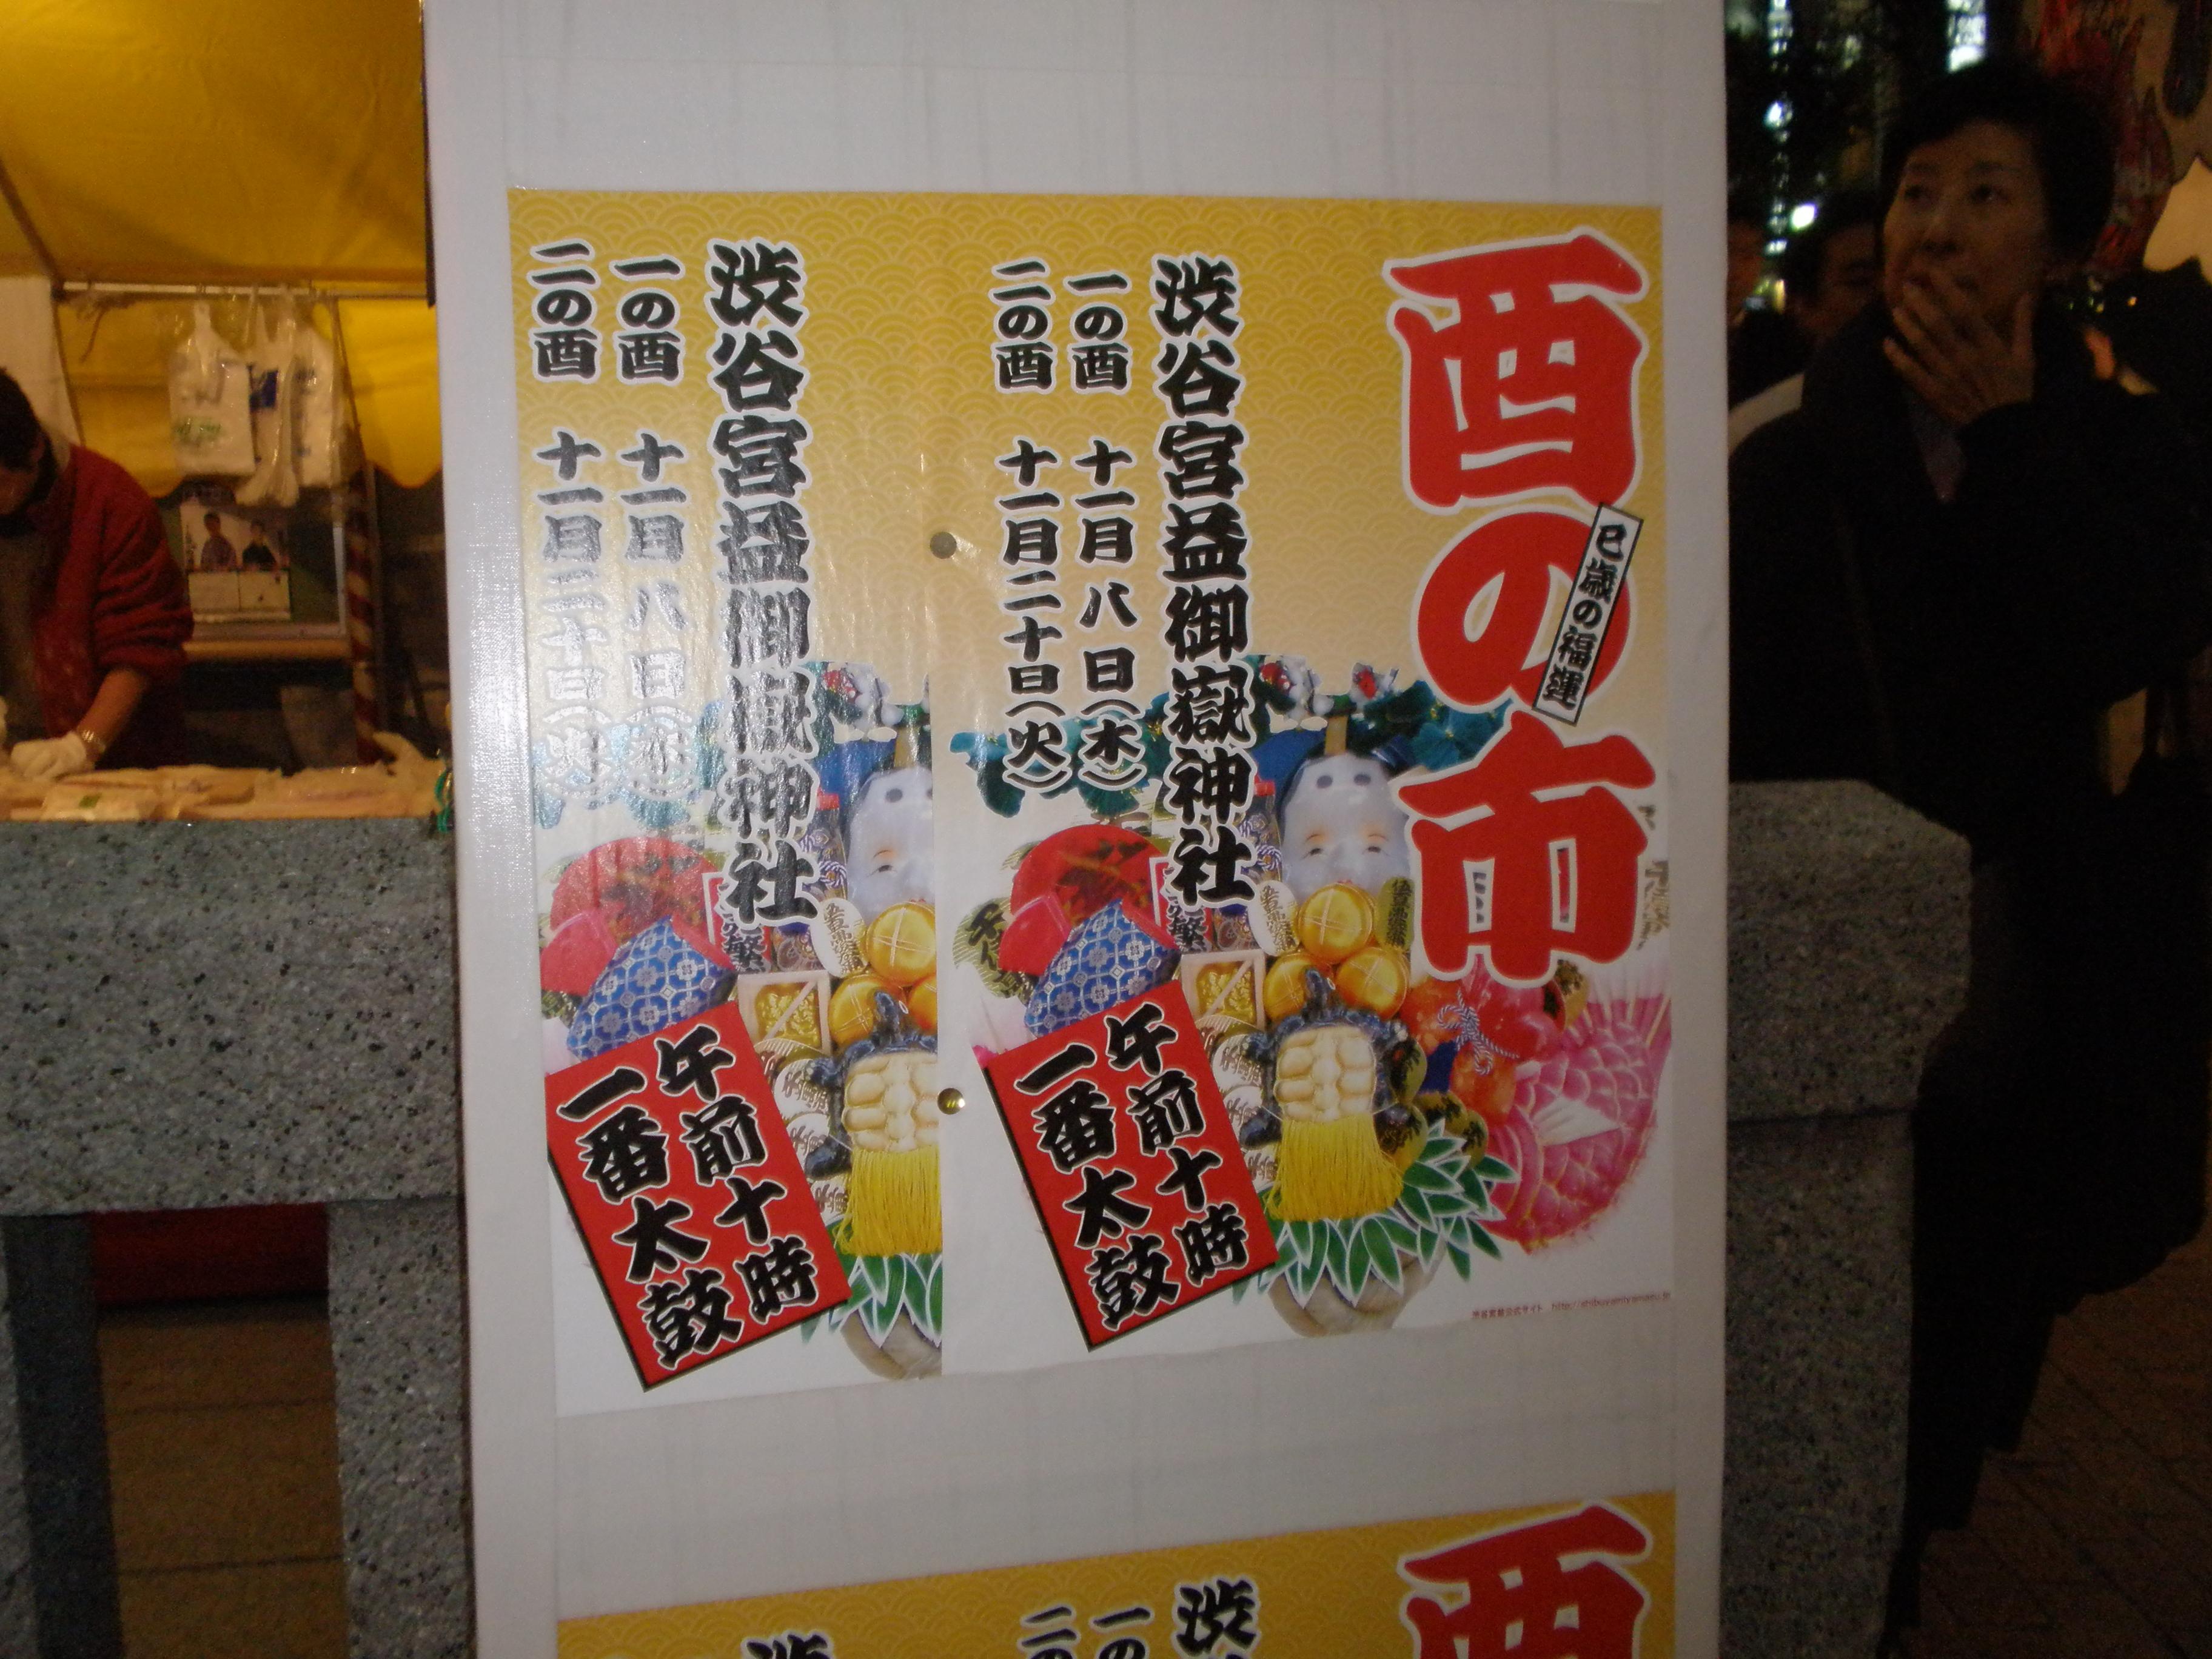 2012・11・20宮益御嶽神社の酉の市①.jpg